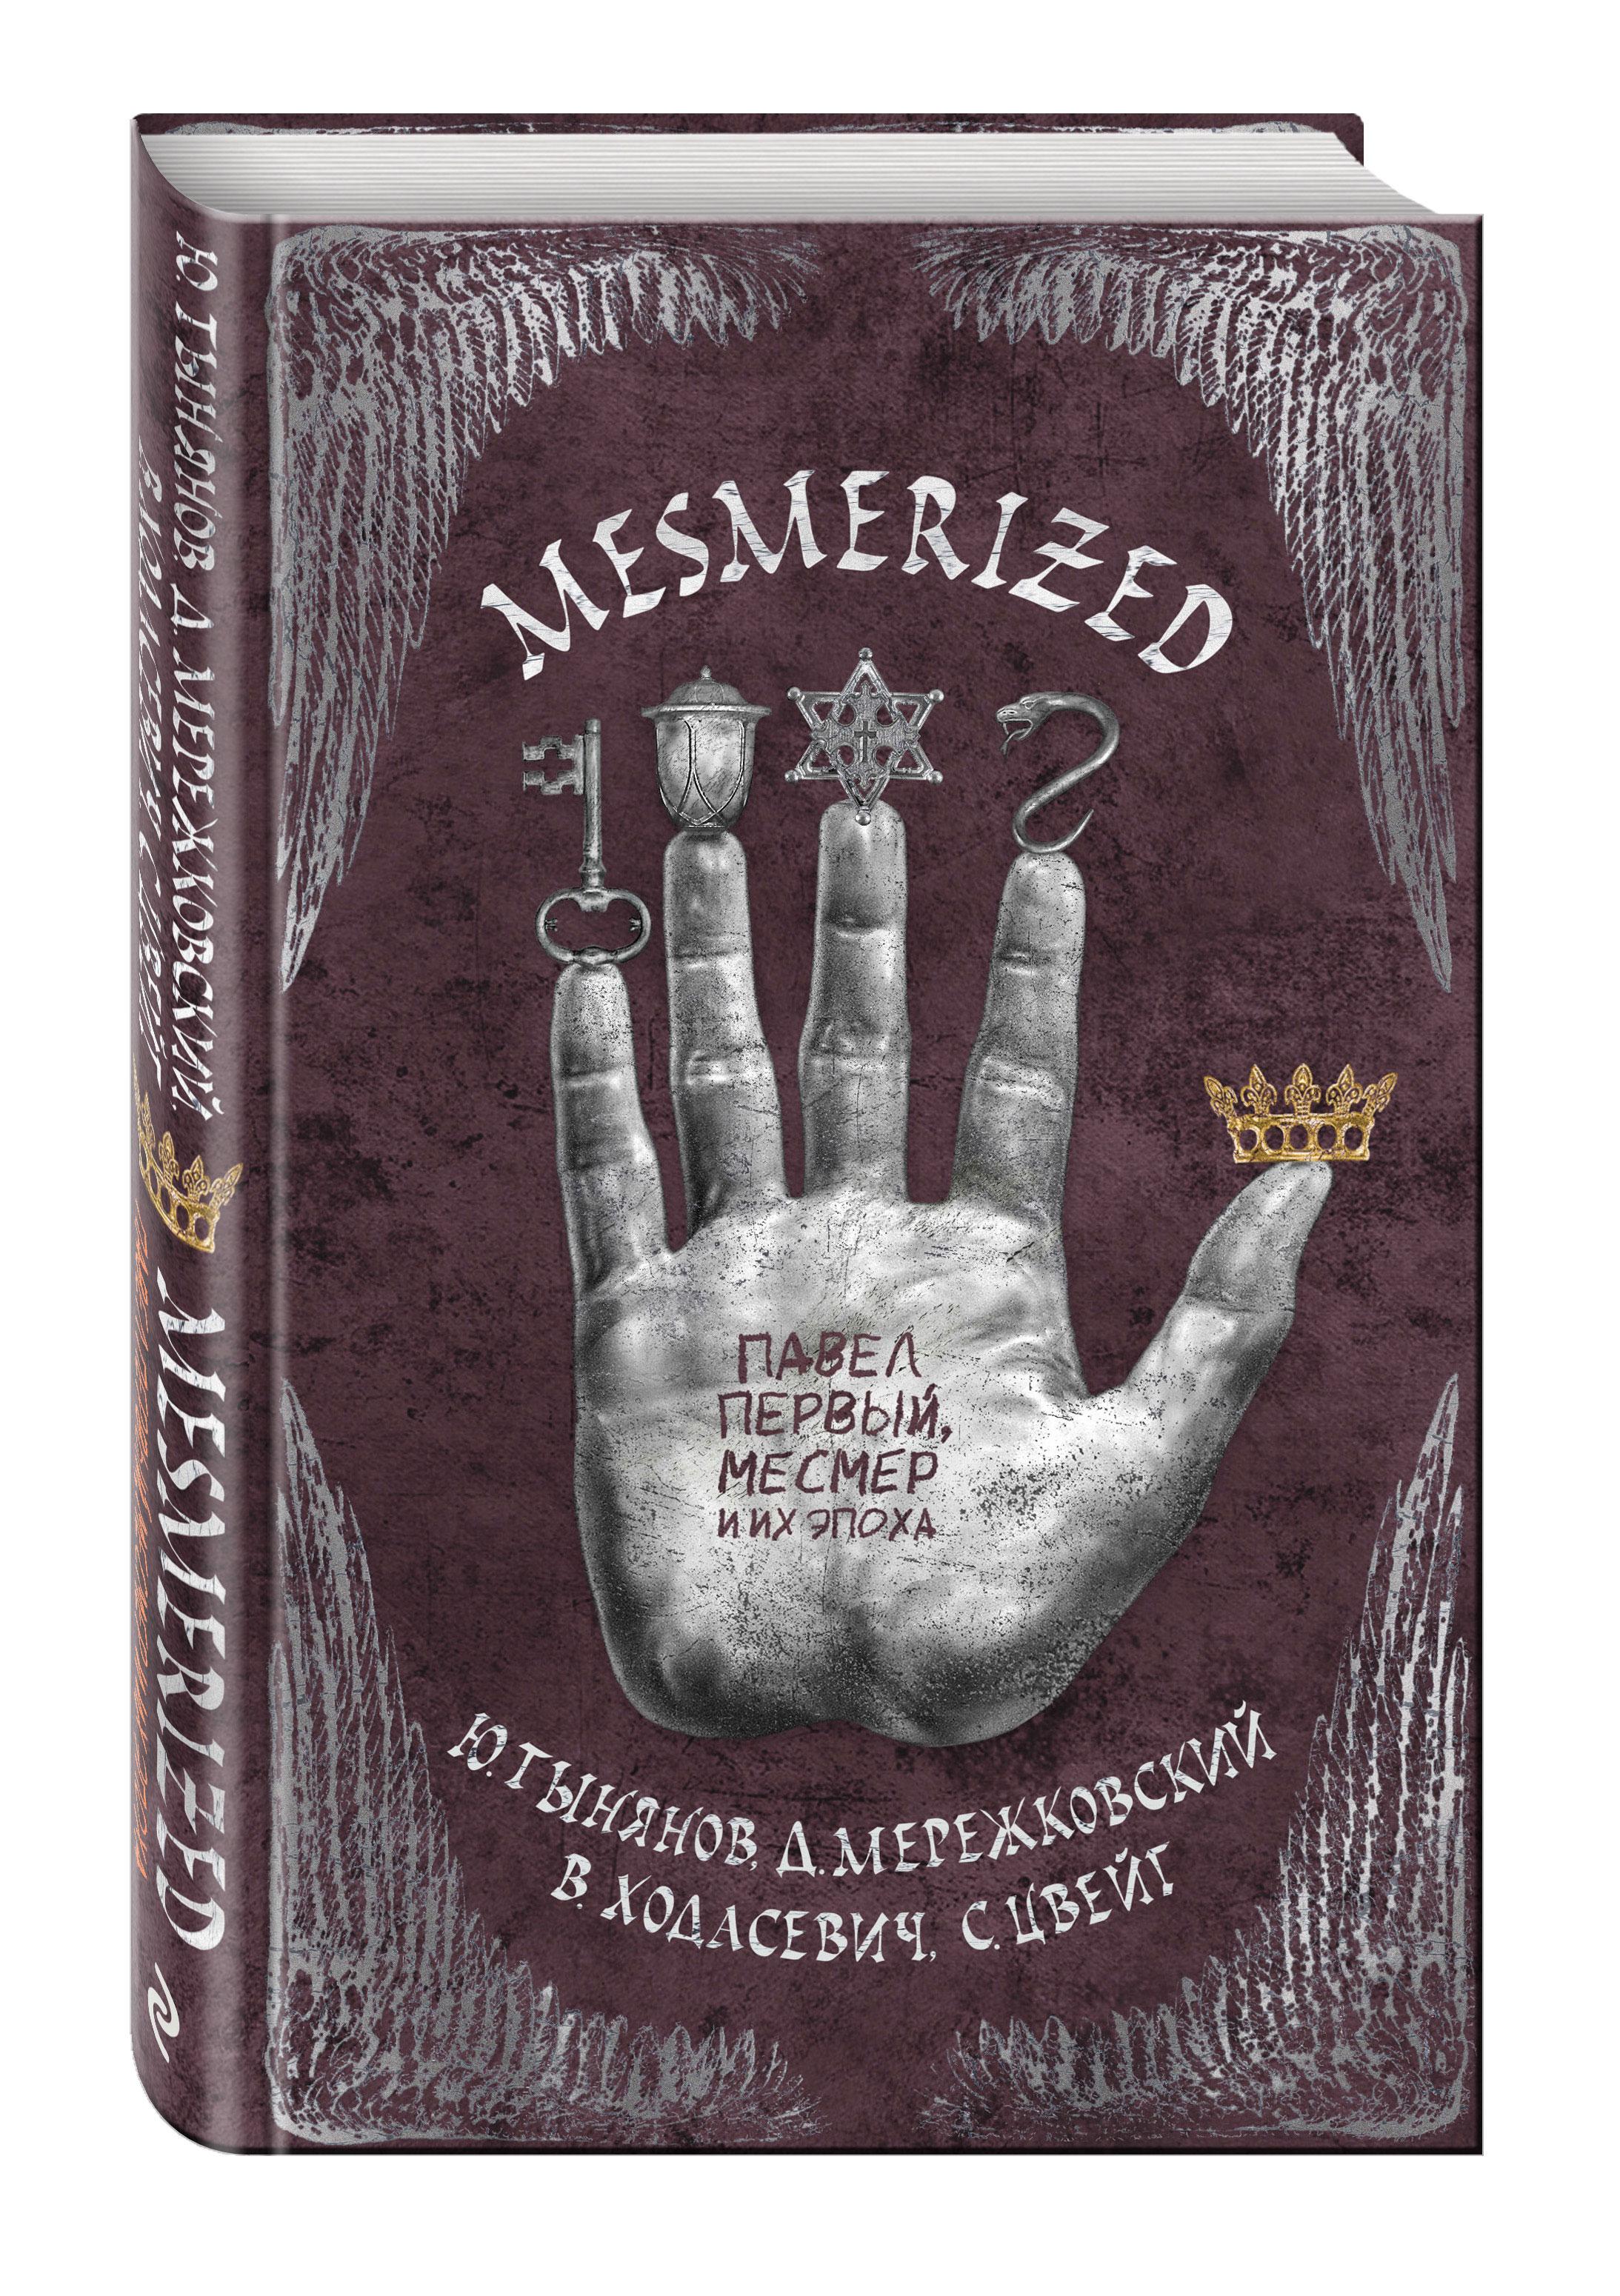 MESMERIZED. Павел Первый, Месмер и их эпоха ( 978-5-699-83813-4 )